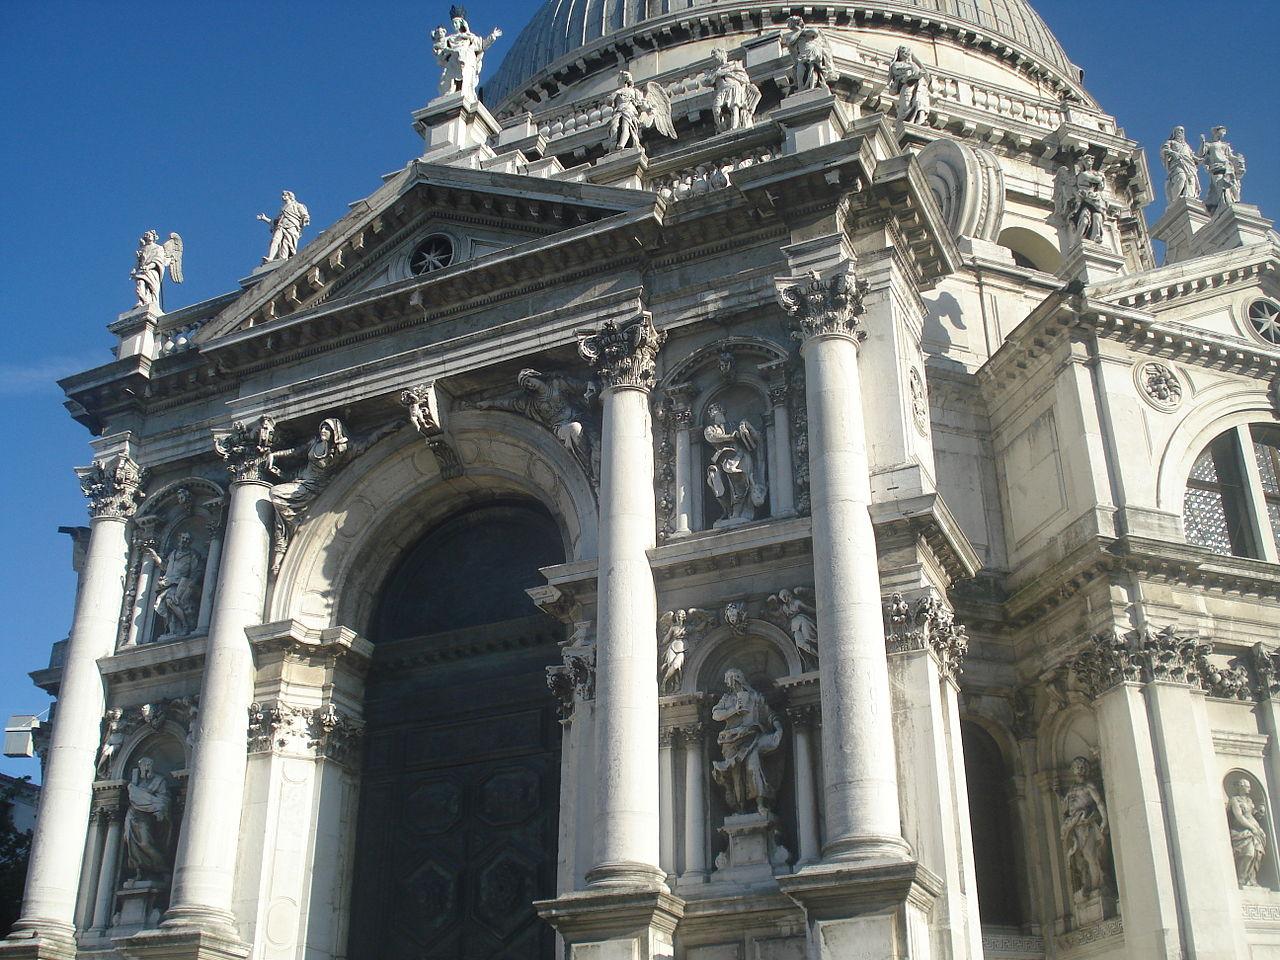 มหาวิหาร เซนต์ มารี ออฟ เเฮลท์-สถาปัตยกรรมชั้นเลิศ